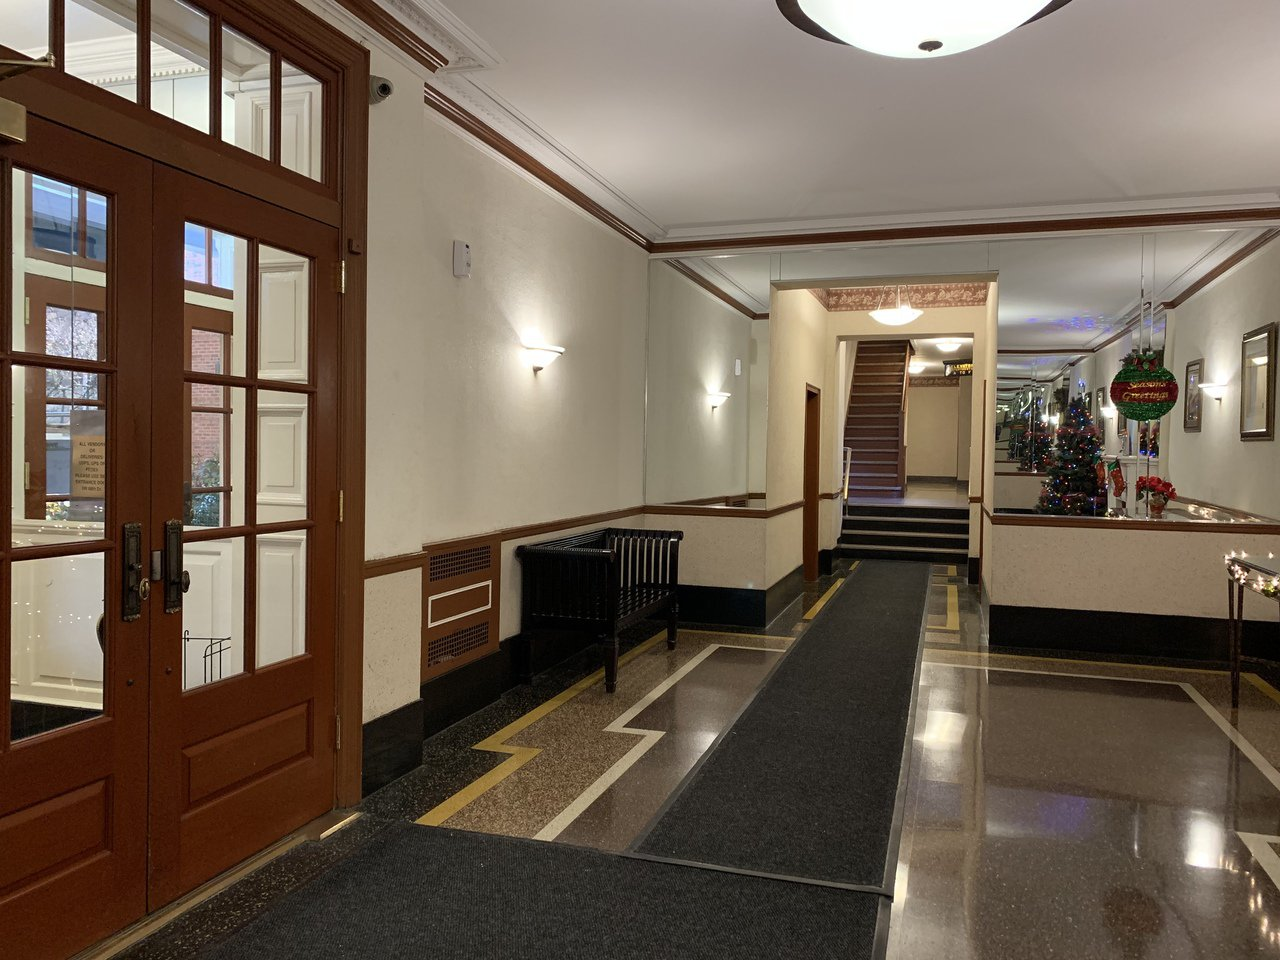 劉傳凱在皇后區森林小丘的公寓樓內約有50%華裔住戶,但門禁嚴格分為左右兩區,鄰里...